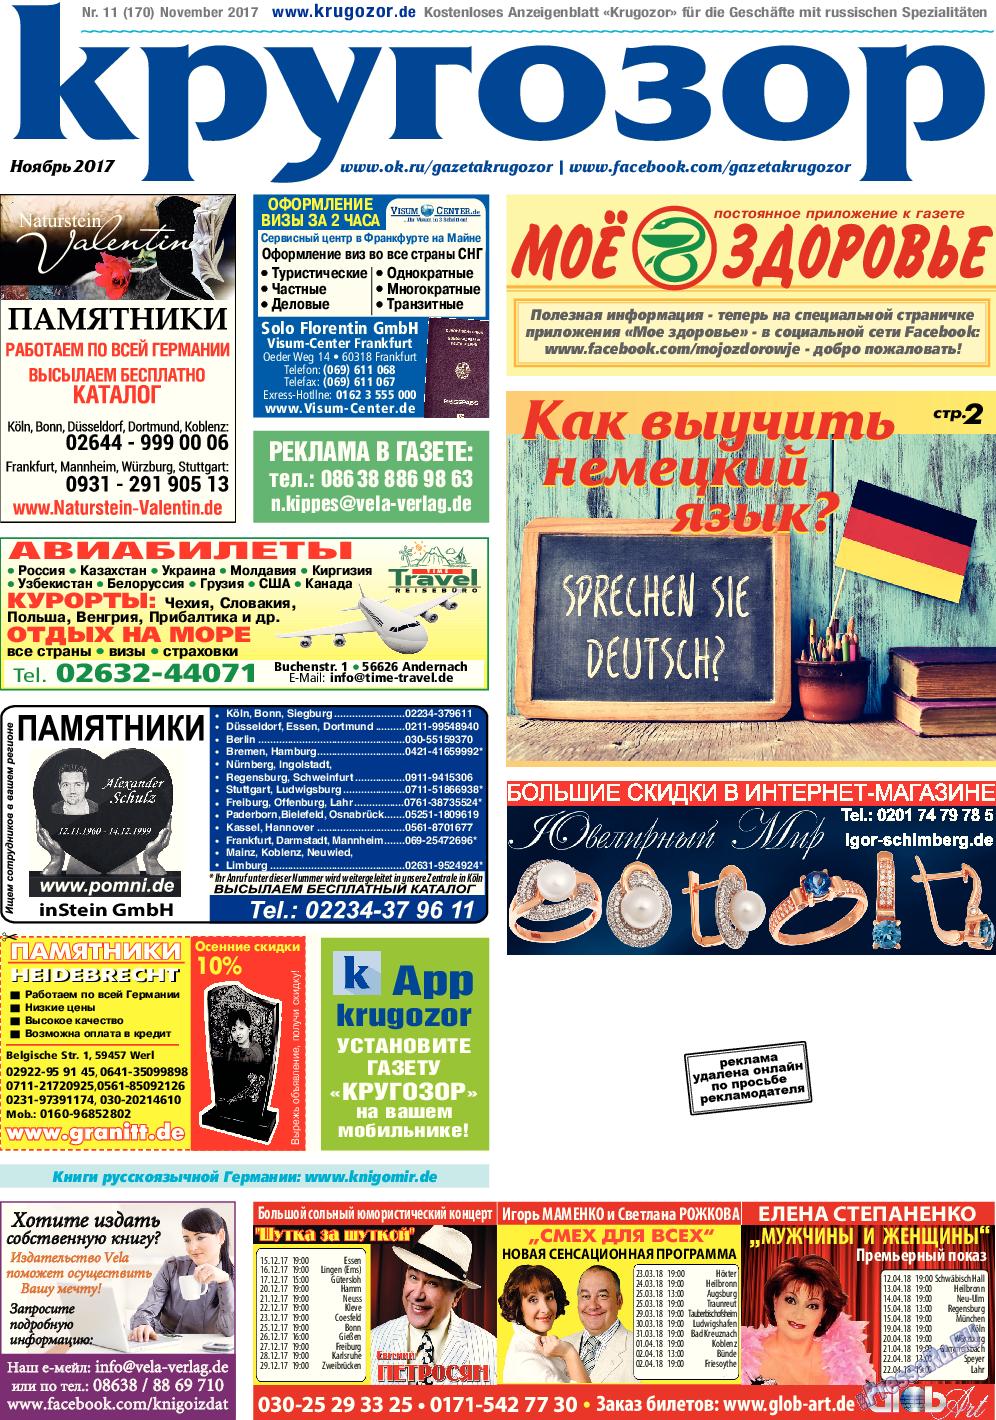 Кругозор (газета). 2017 год, номер 11, стр. 1